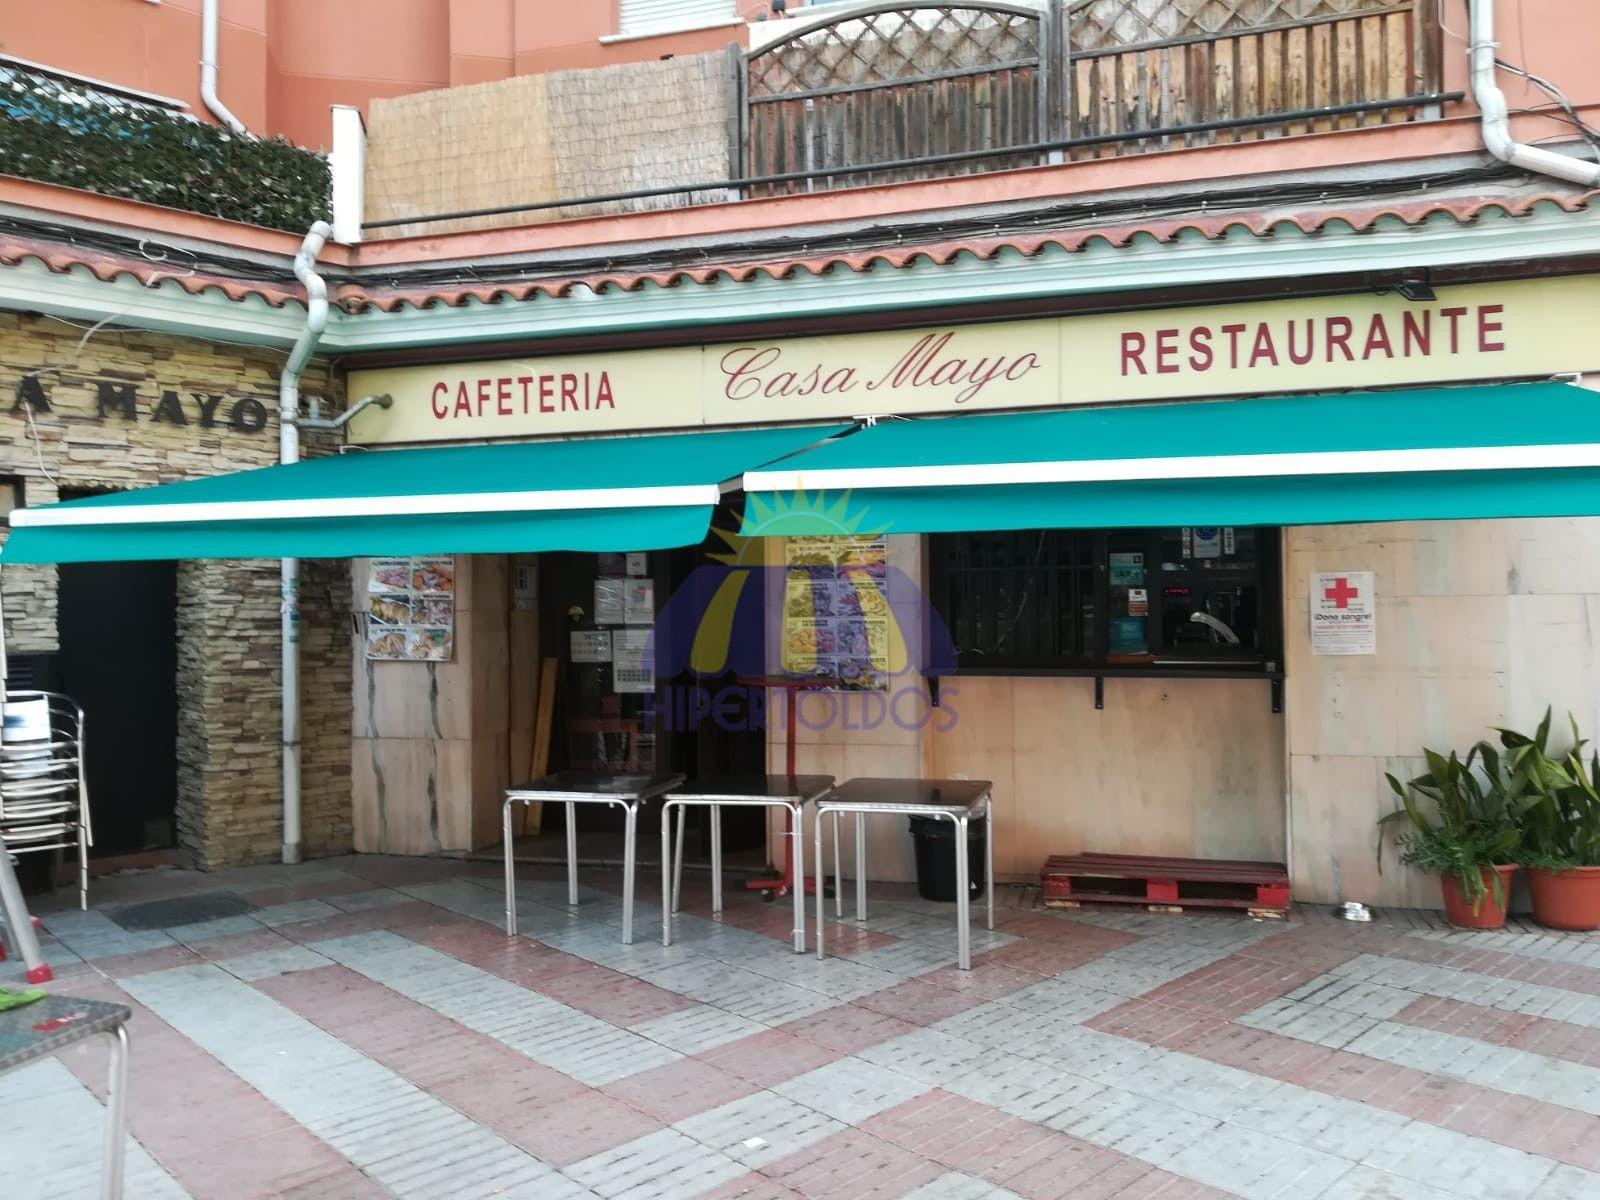 toldo_restauraante_casamayor1